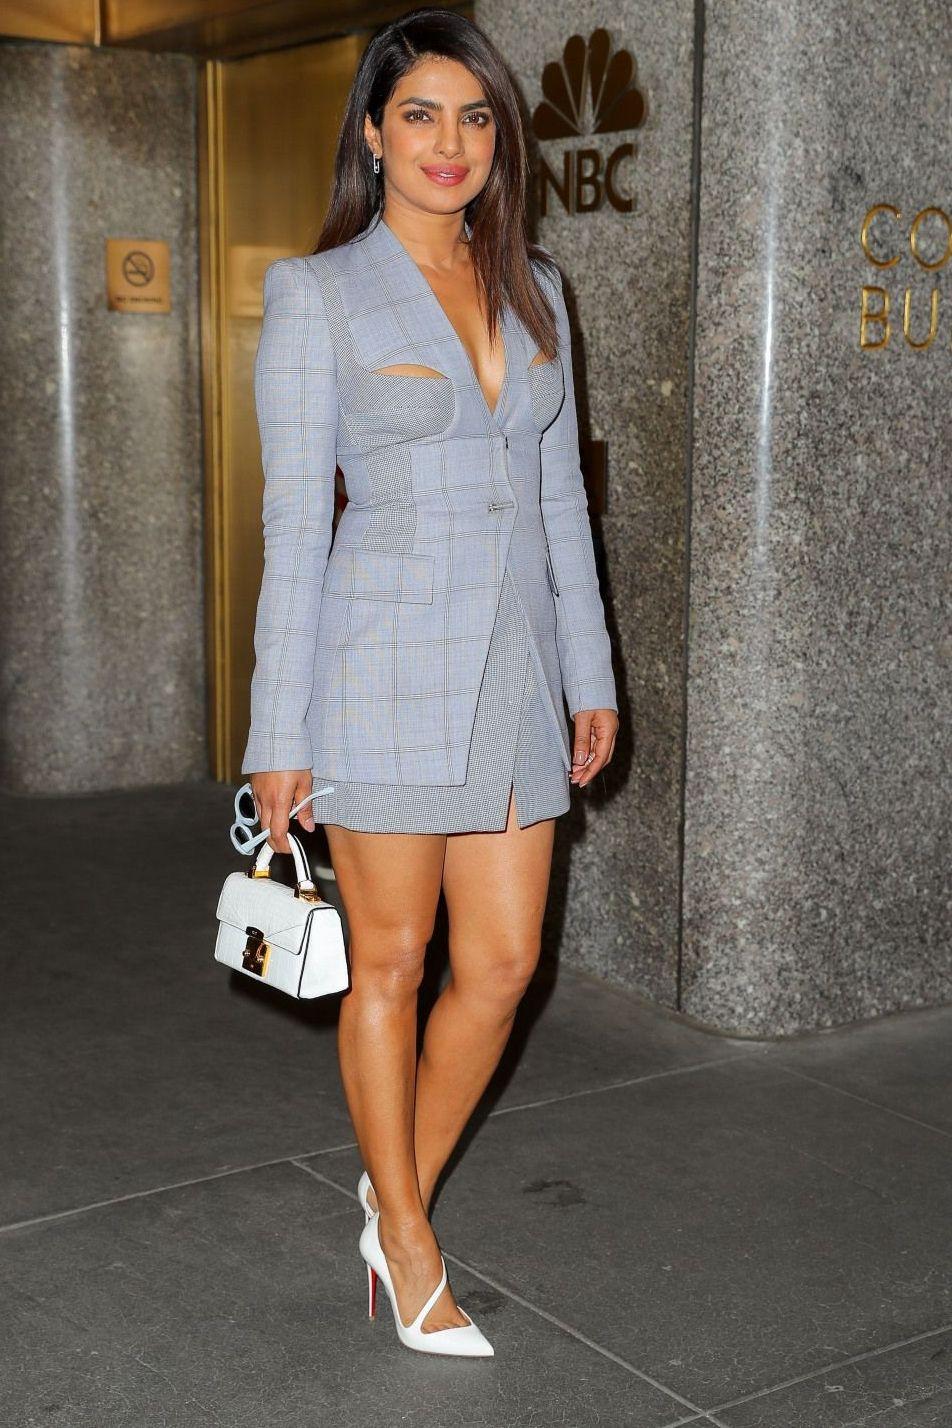 priyanka chopra wears a stylish blazer dress & in no time, the